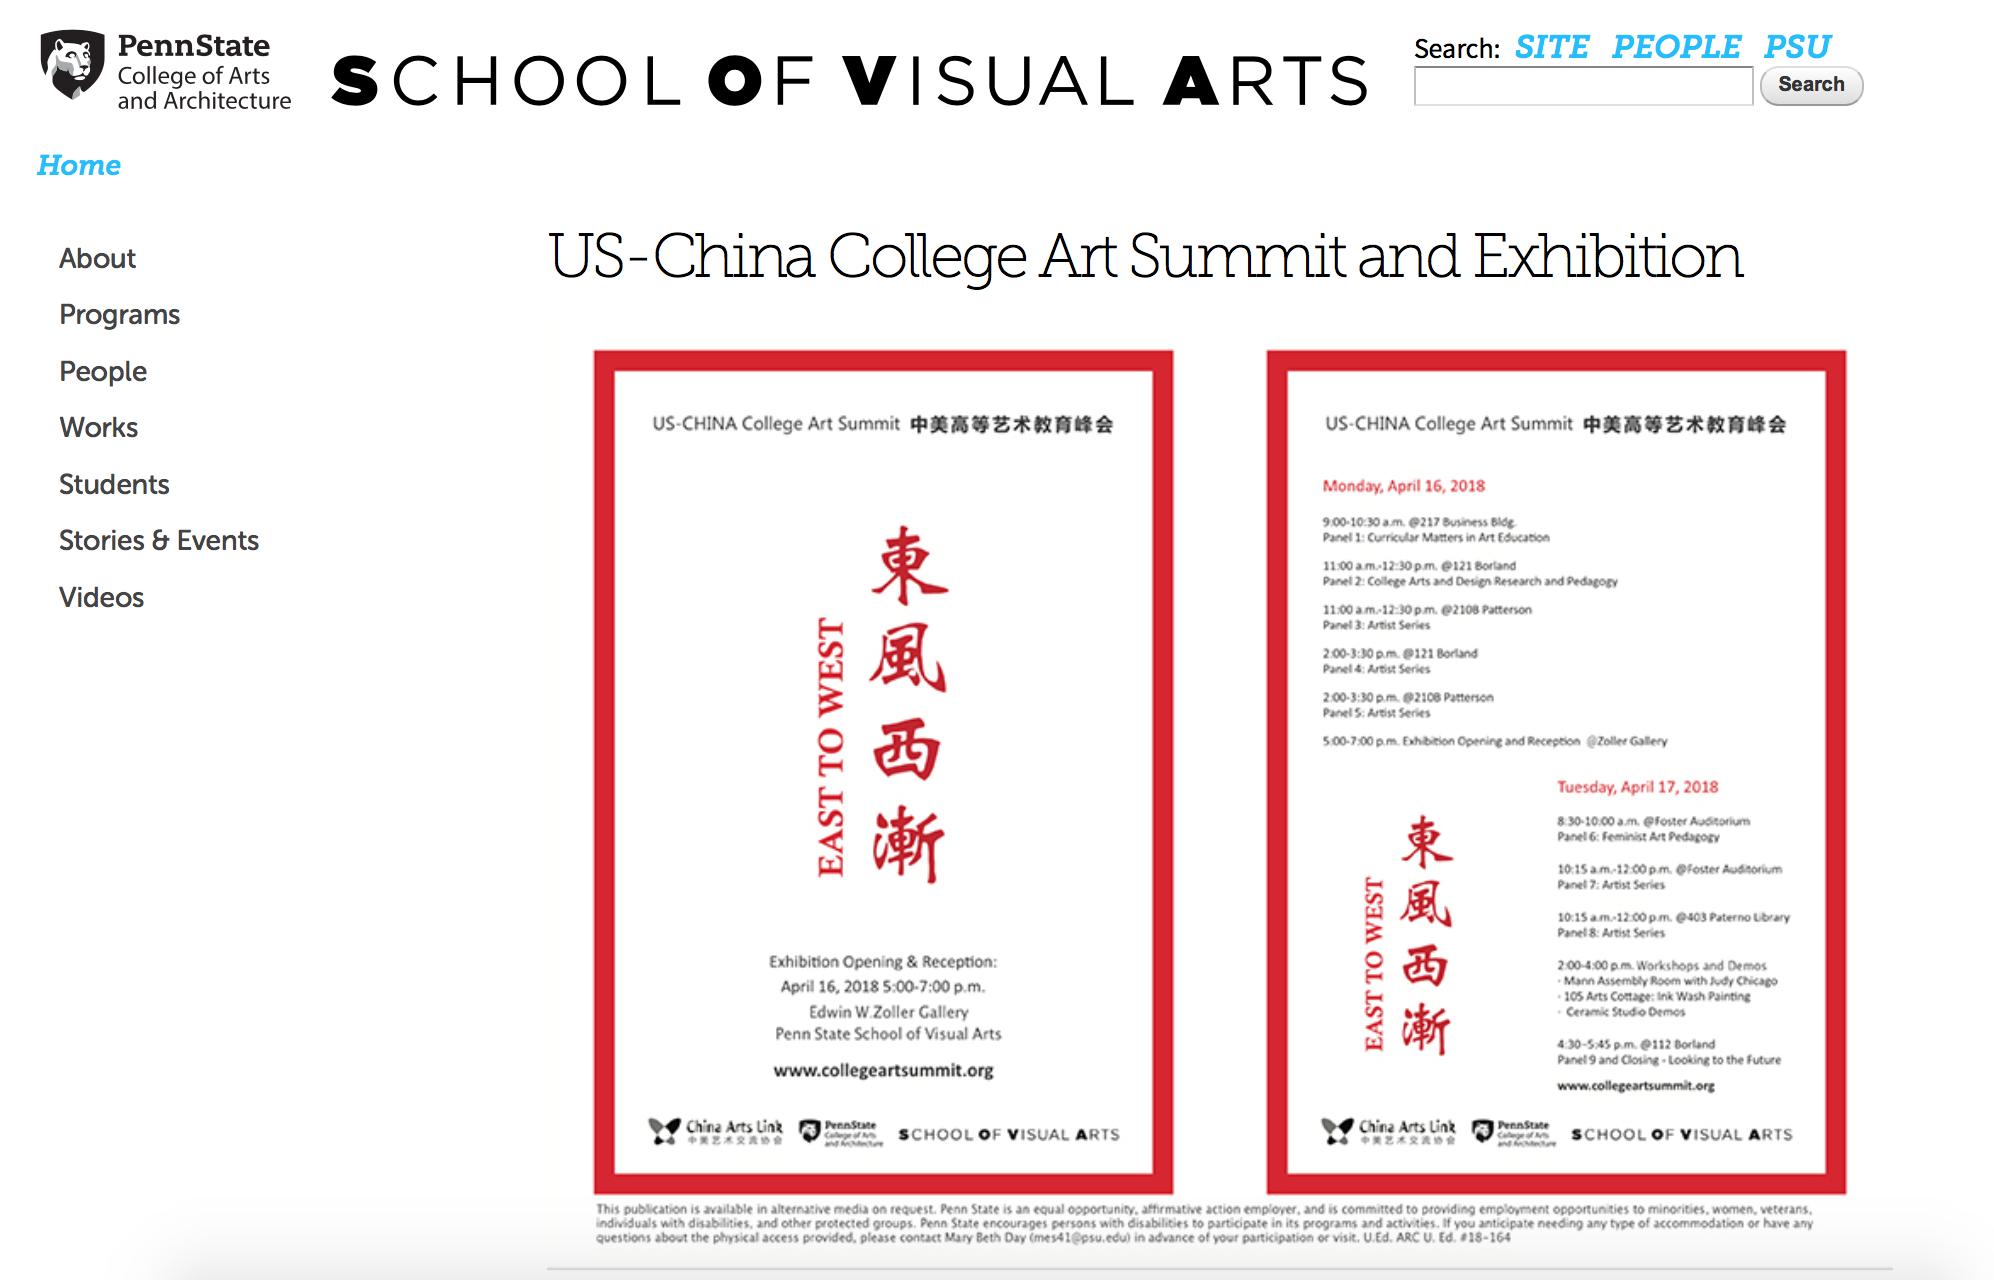 宾州州立视觉艺术学院